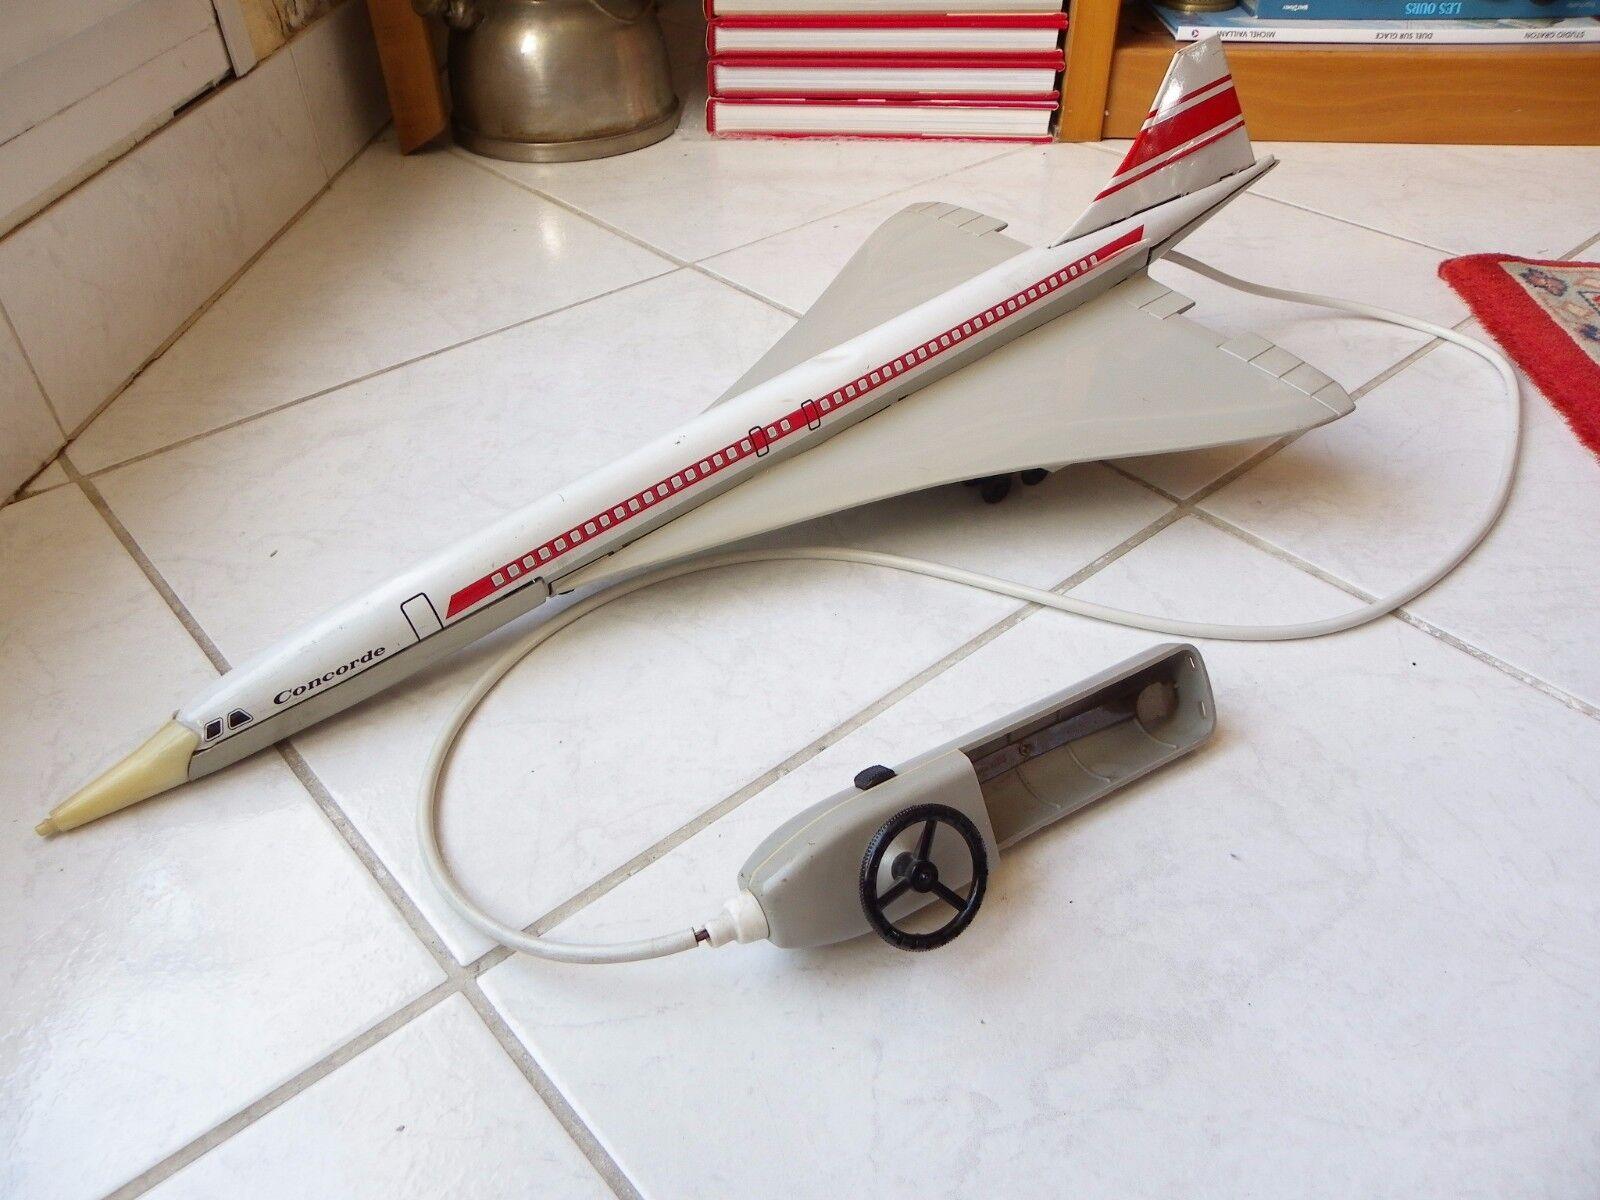 Avión Concorde Juguete Antiguo Chapa Años 70 Vintage 58cm Nuestra Francia